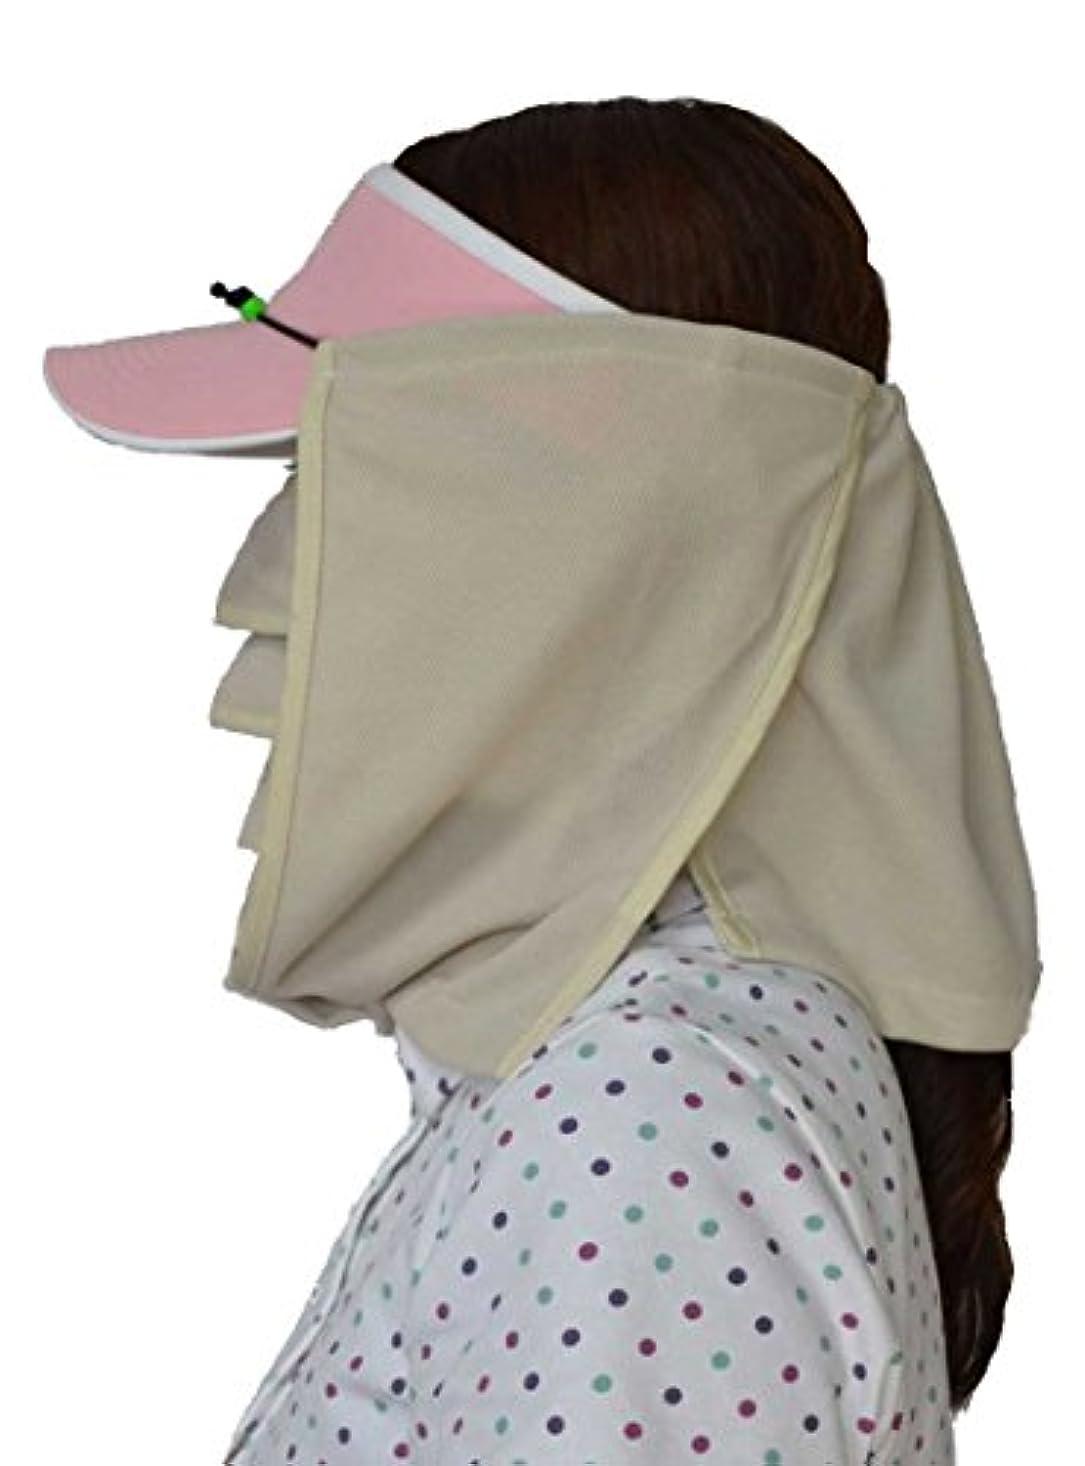 気性村謙虚なUVマスク?マモルーノ?とUV帽子カバー?スズシーノ?のセット(ベージュ)【太陽からの直射光や照り返し.散乱光の紫外線対策や熱射病、熱中症対策に最適の組合せです.】